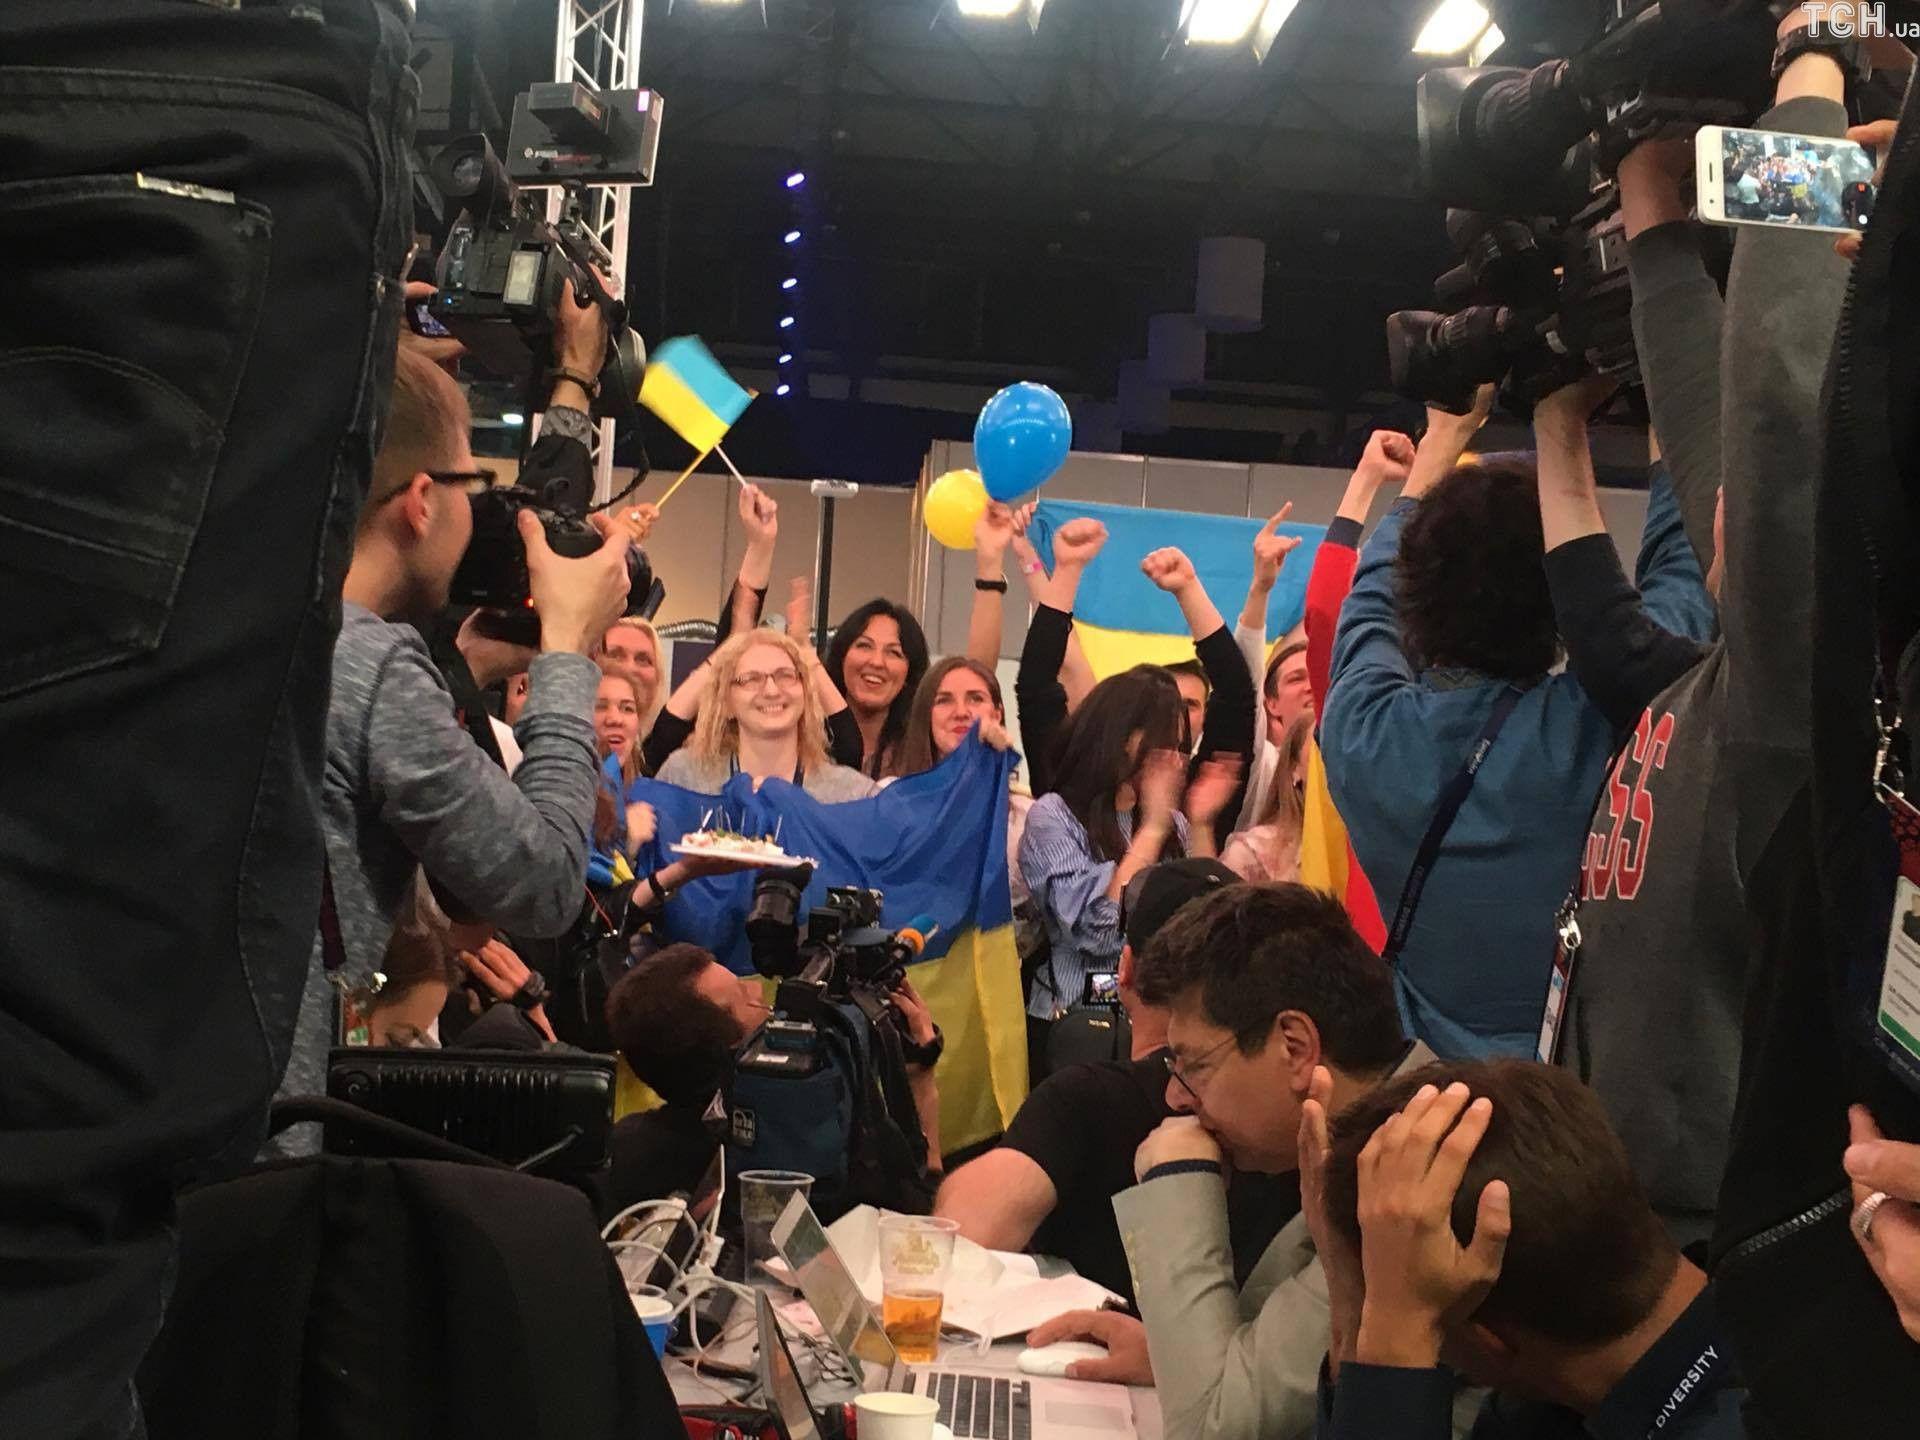 Як українці слухали O.Torvald Євробачення-2017